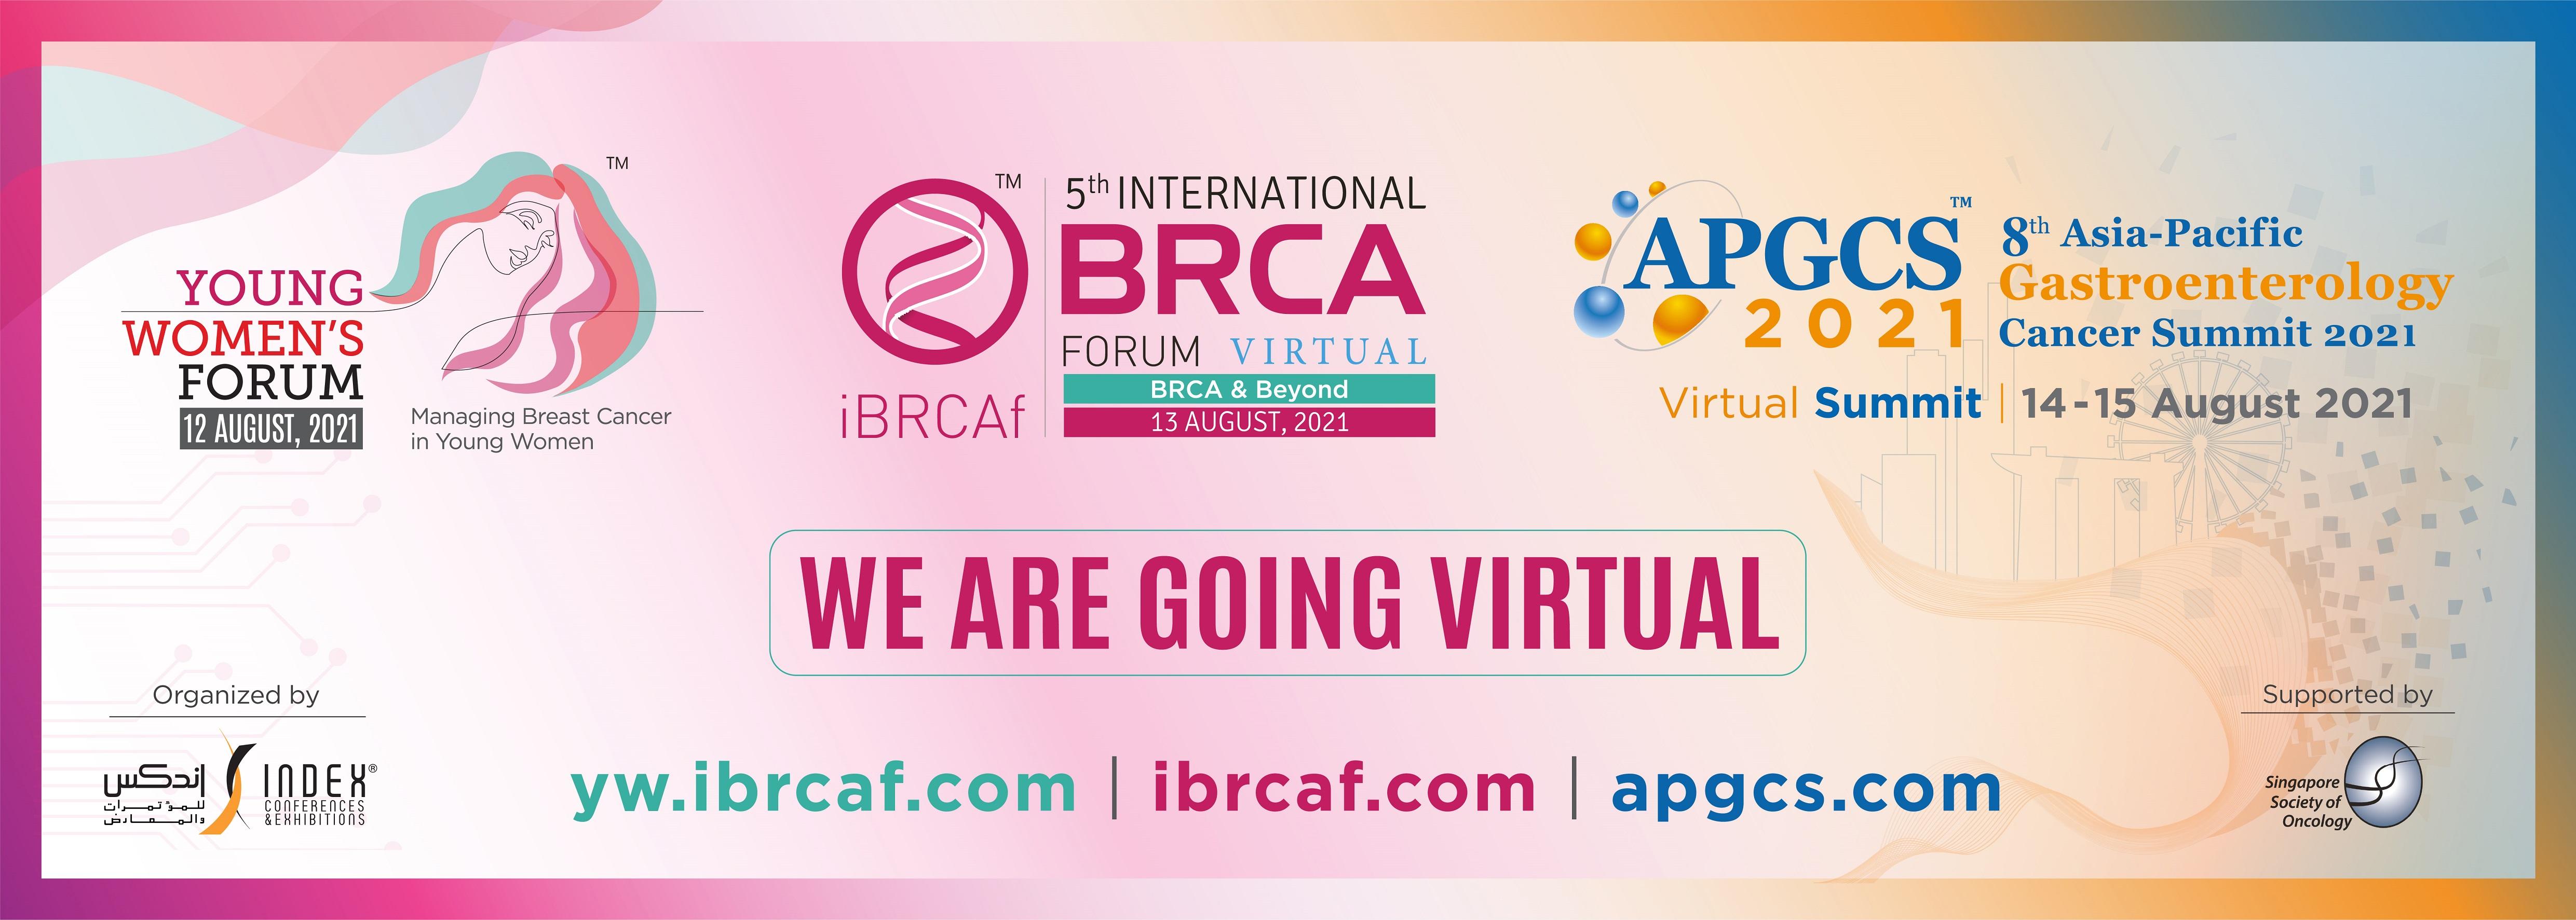 YWF-IBRCAF-APGCS 2021